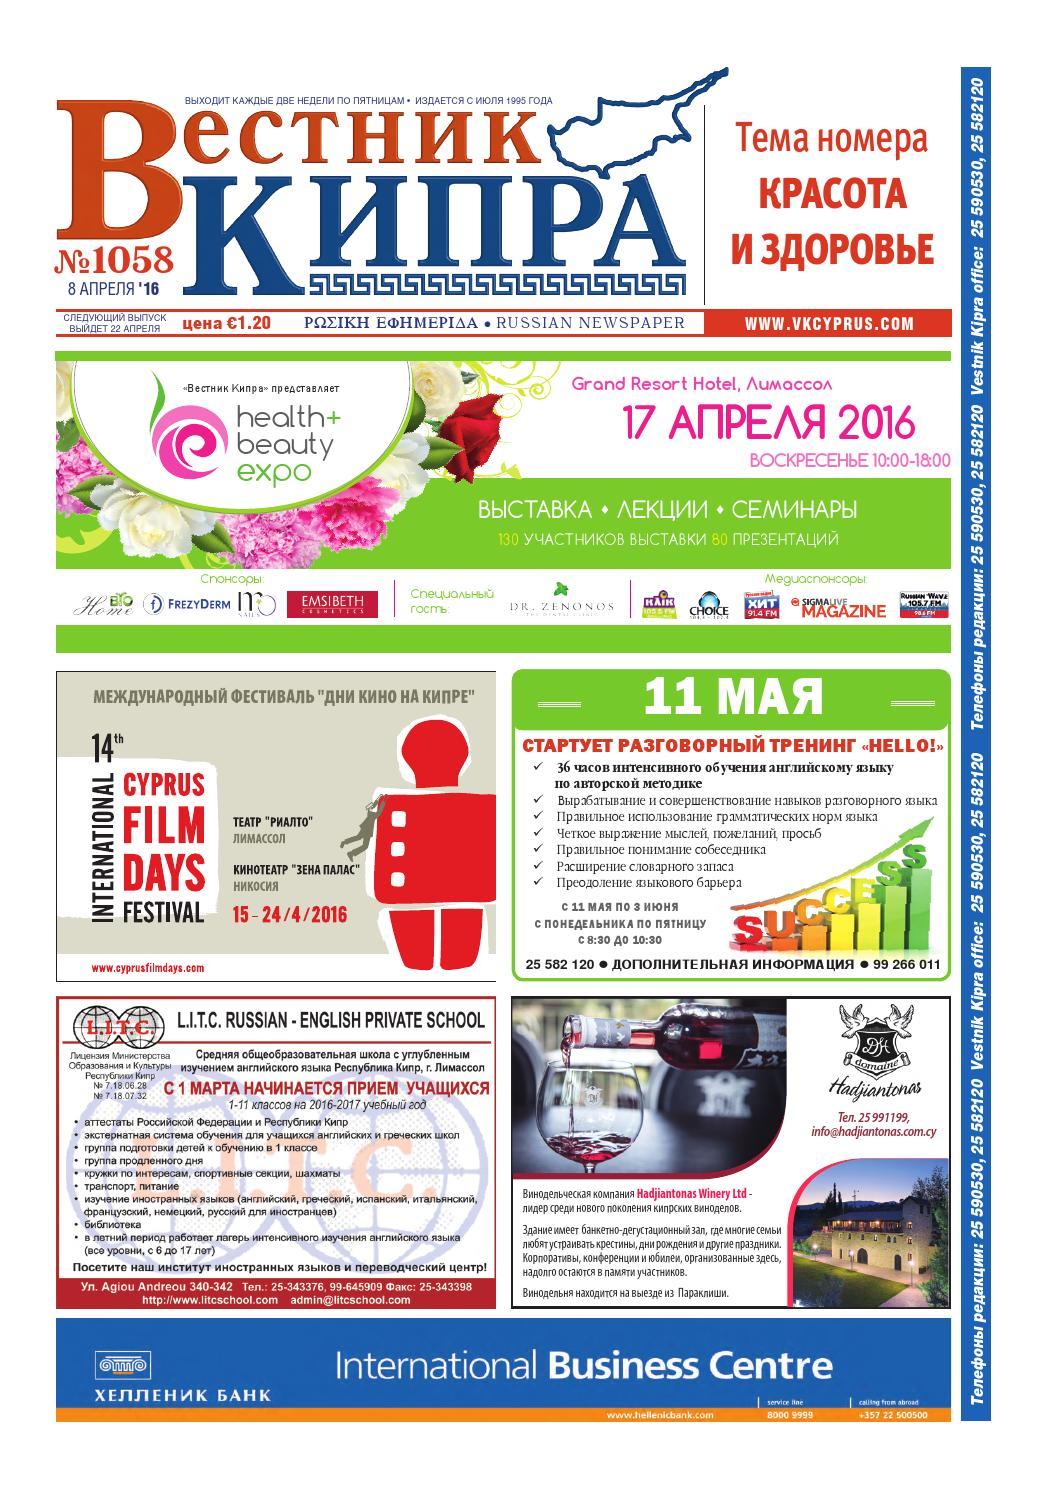 d01a09df8247 Вестник Кипра №1058 by Вестник Кипра - issuu